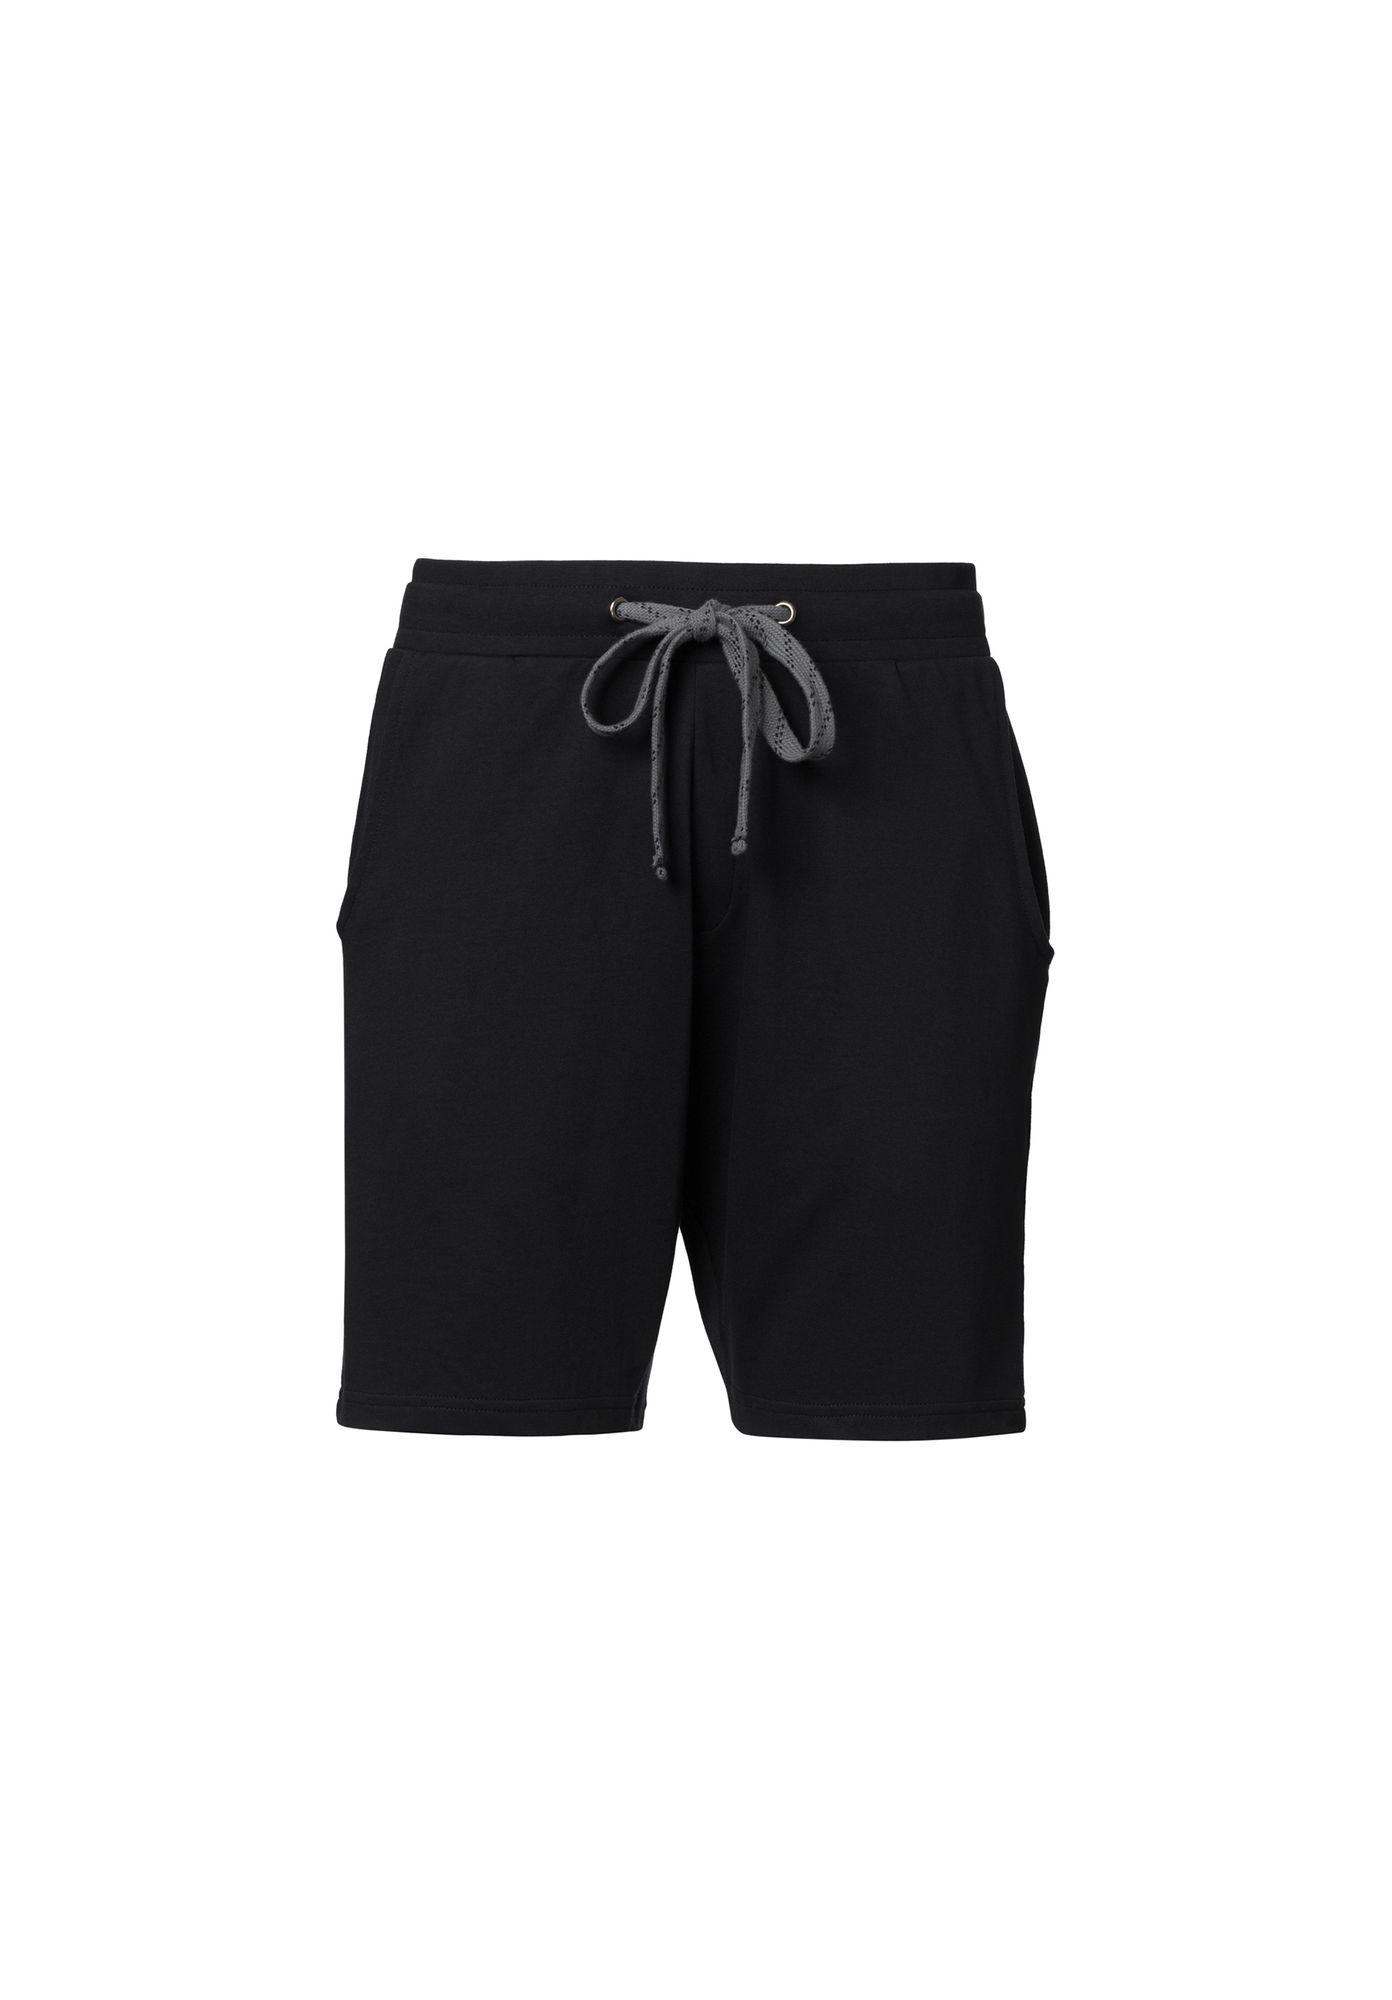 TT1020 Shorts Black